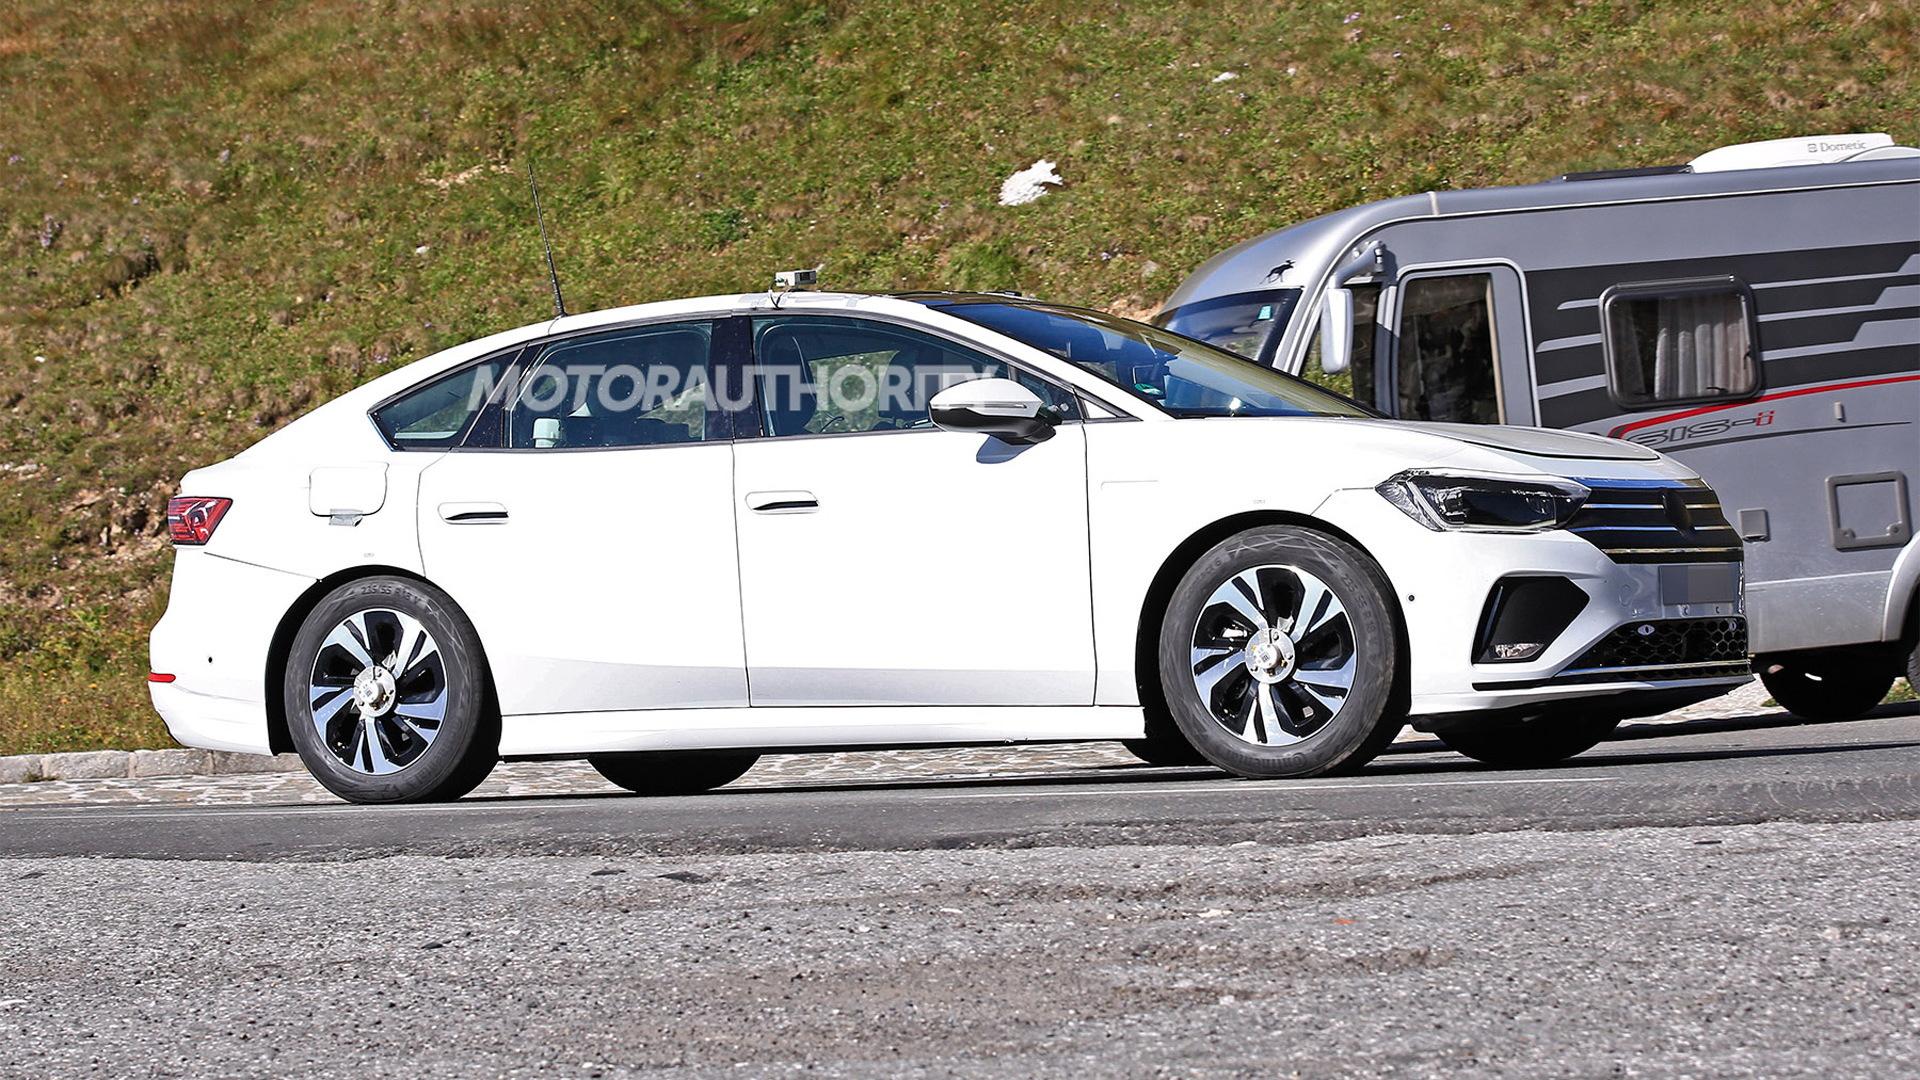 2024 Volkswagen ID.6 (Aero) spy shots - Photo credit: S. Baldauf/SB-Medien